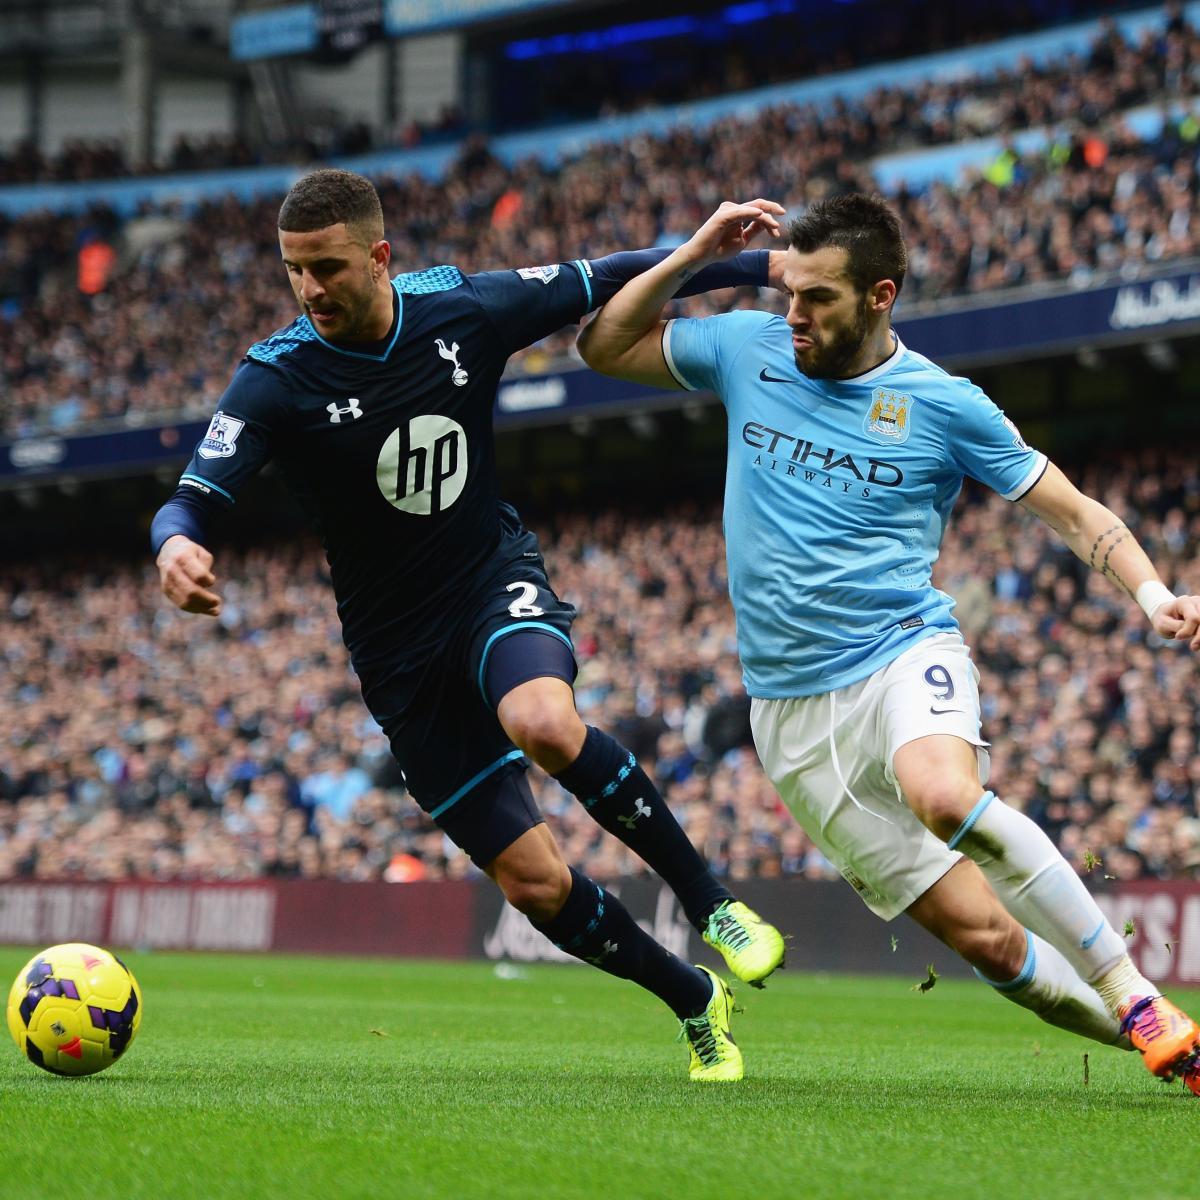 Ajax Vs Tottenham Hotspur Preview Live Stream Tv Info: Tottenham Vs. Manchester City: Date, Time, Live Stream, TV